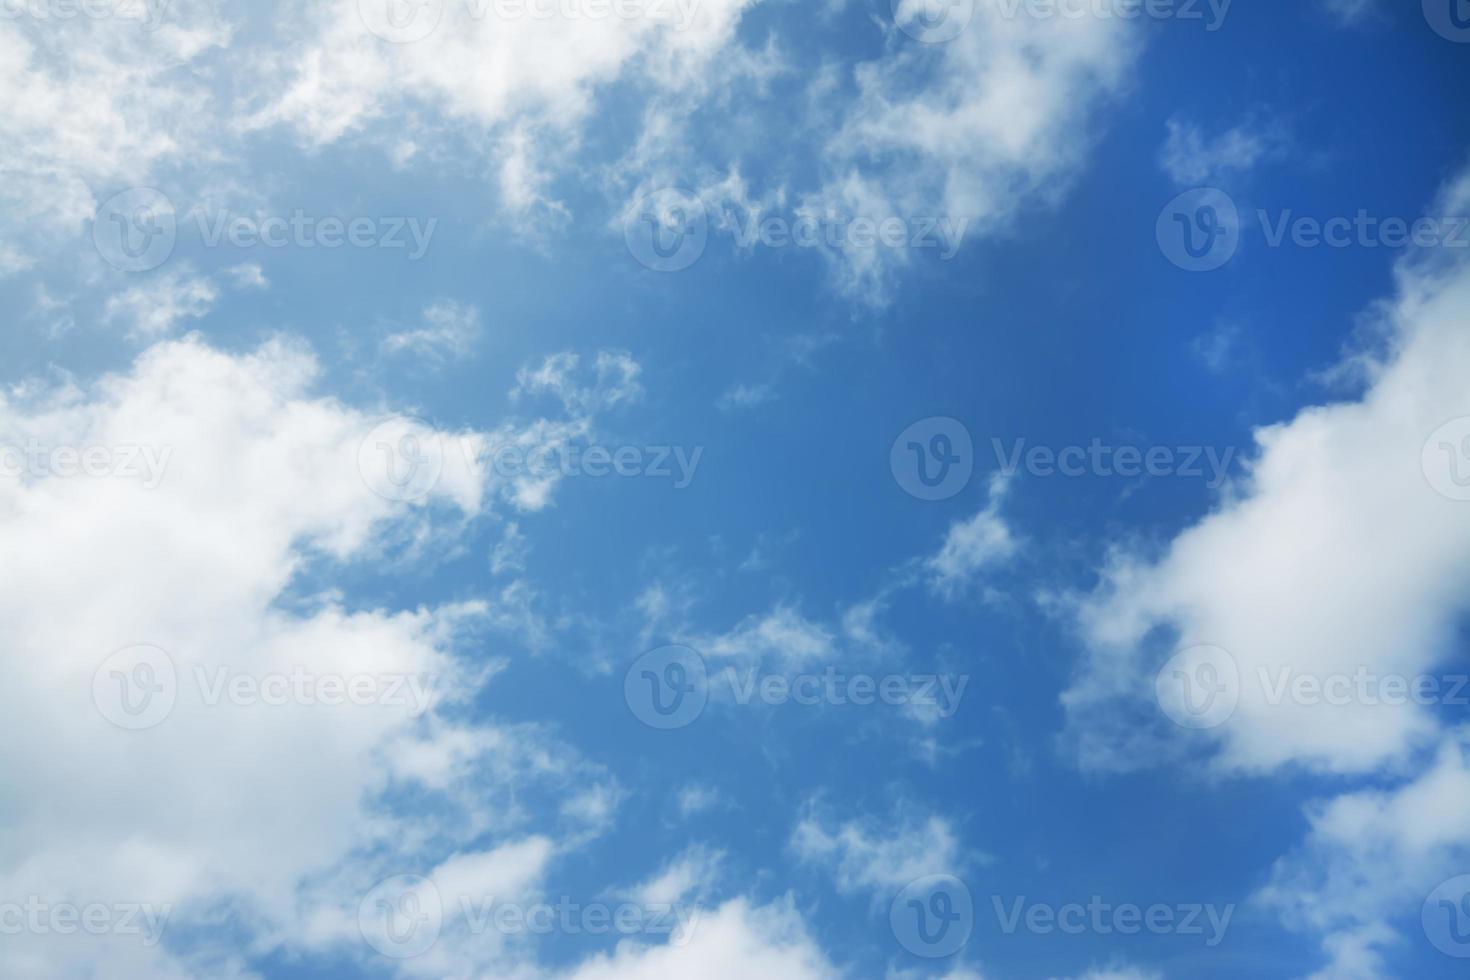 cielo azul con nubes dispersas foto